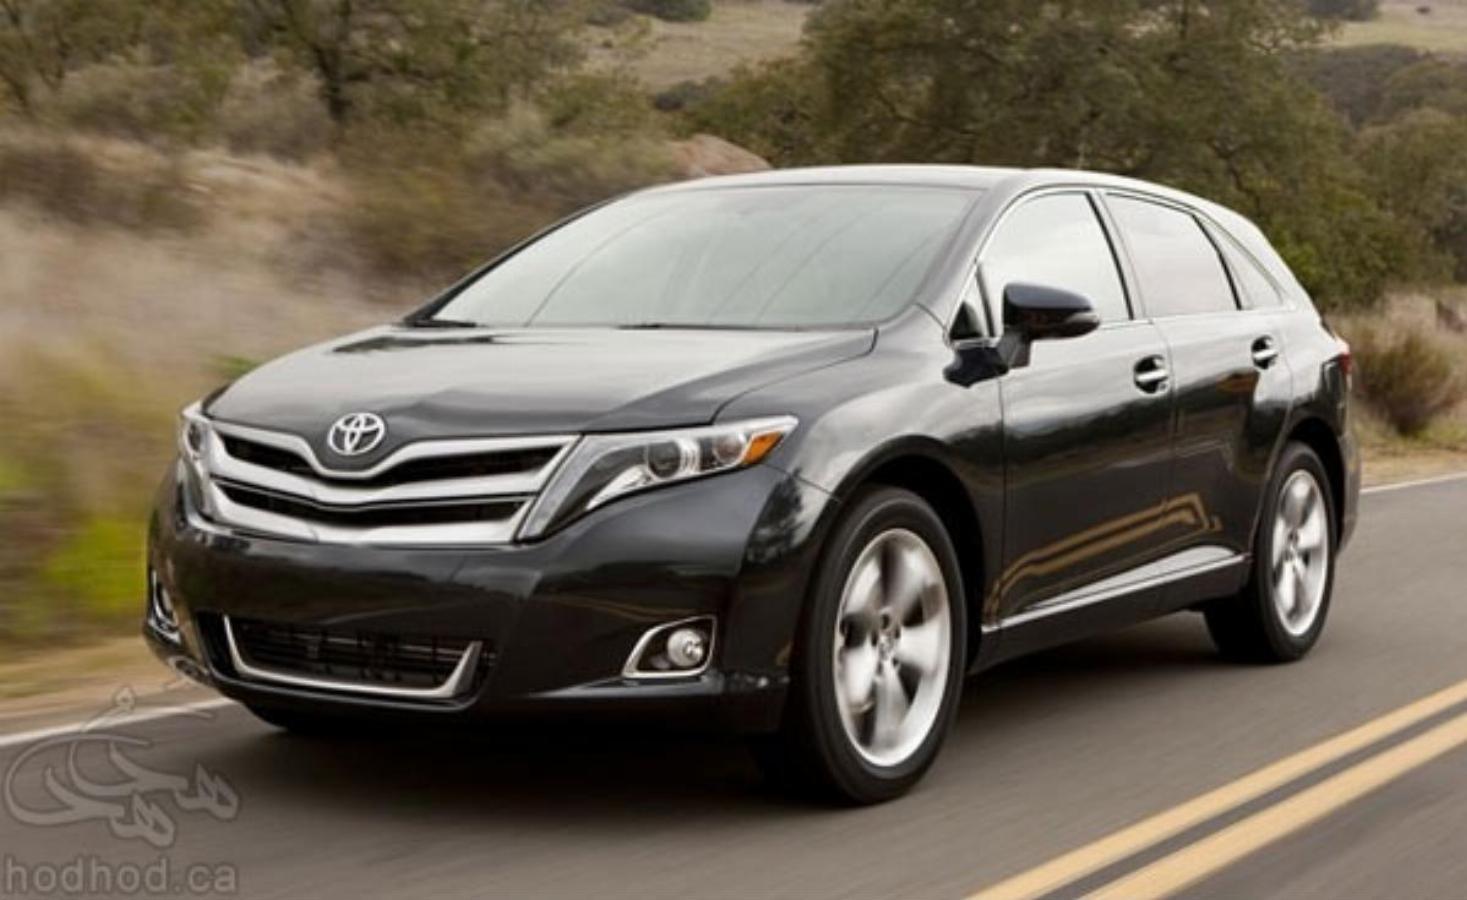 هشت خودرویی که تنها کانادایی ها میتوانند در امریکای شمالی سوار شوند